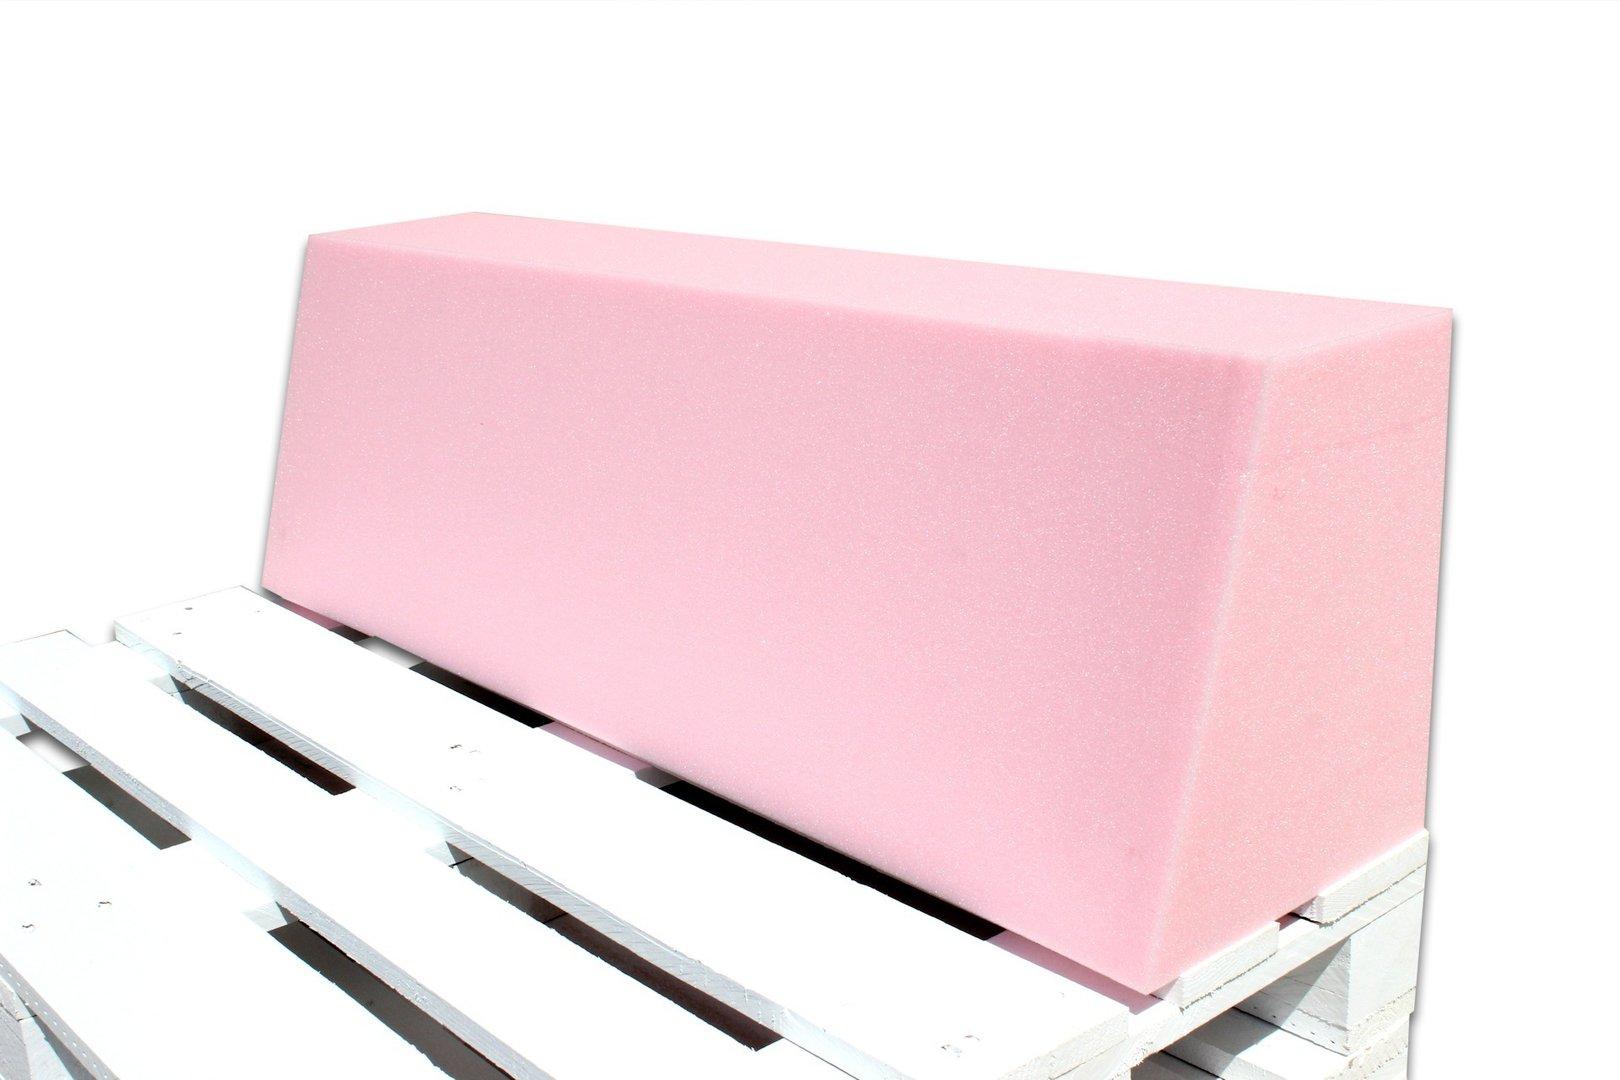 Respaldo de espuma europalet para palets 120 x 80 35 cm - Espuma para sofa de palets ...